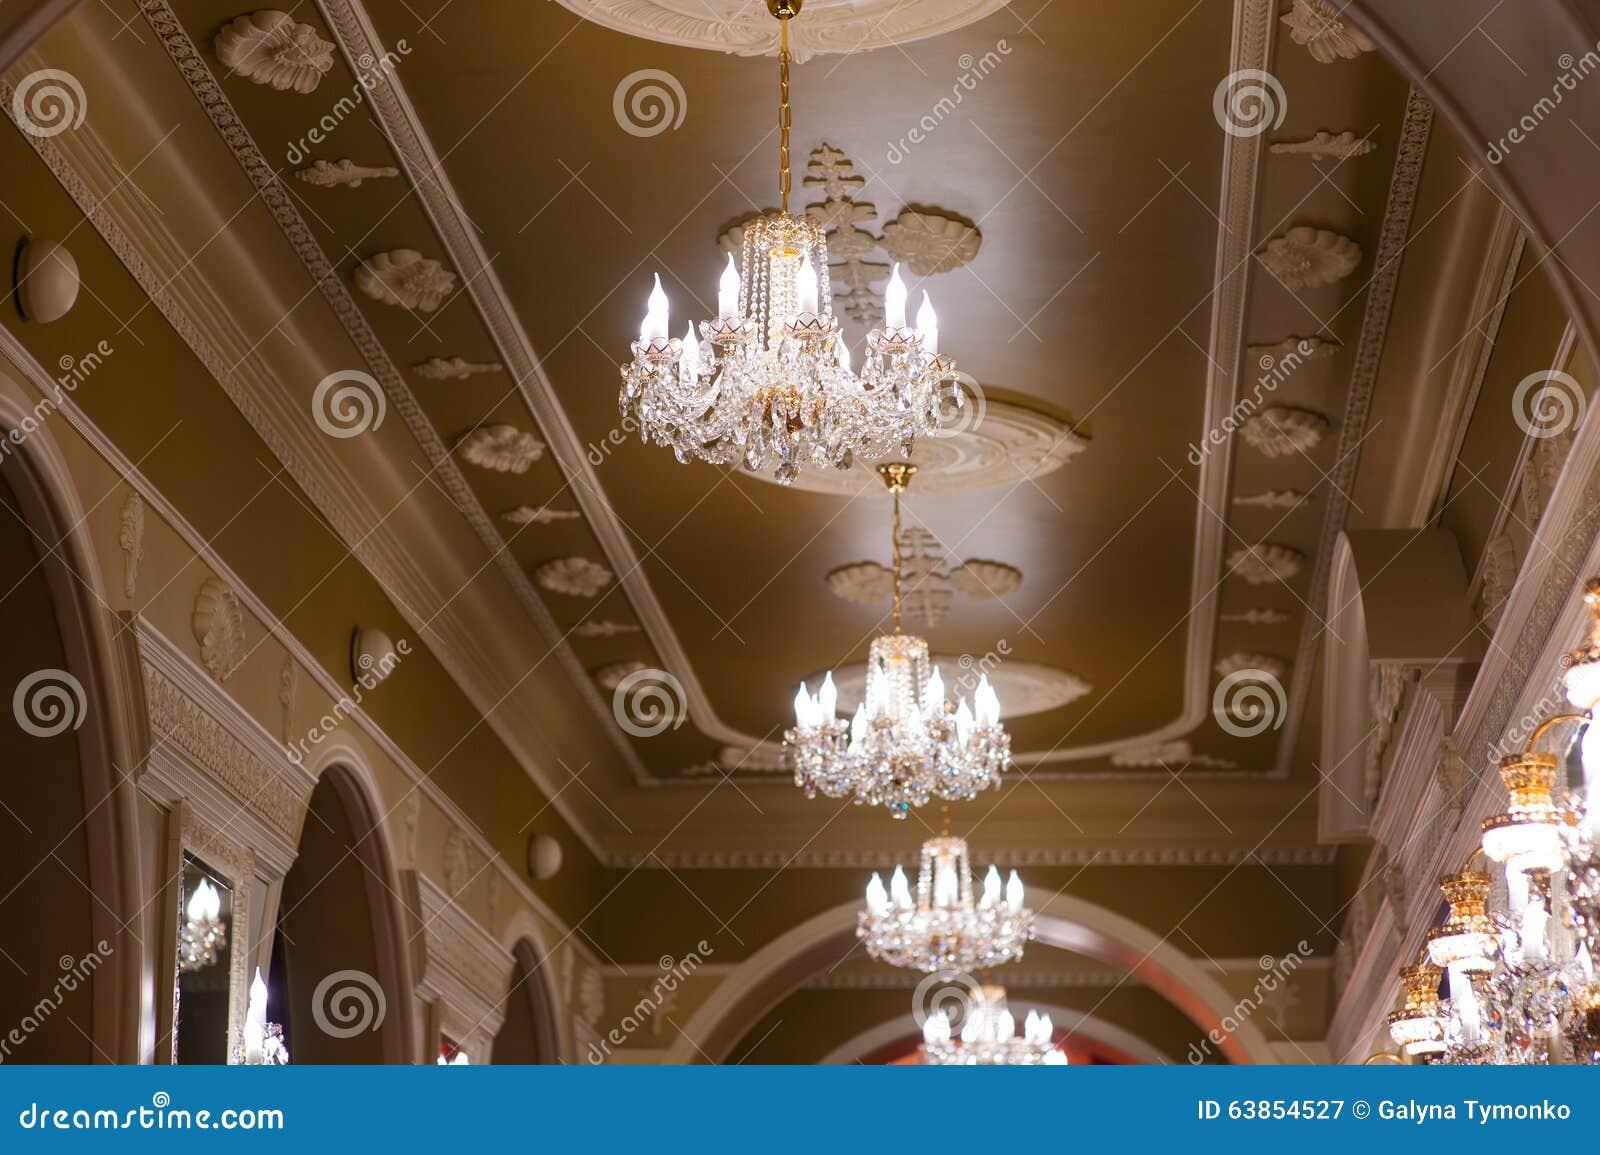 美丽的发光的枝形吊灯在宫殿的大厅里.图片